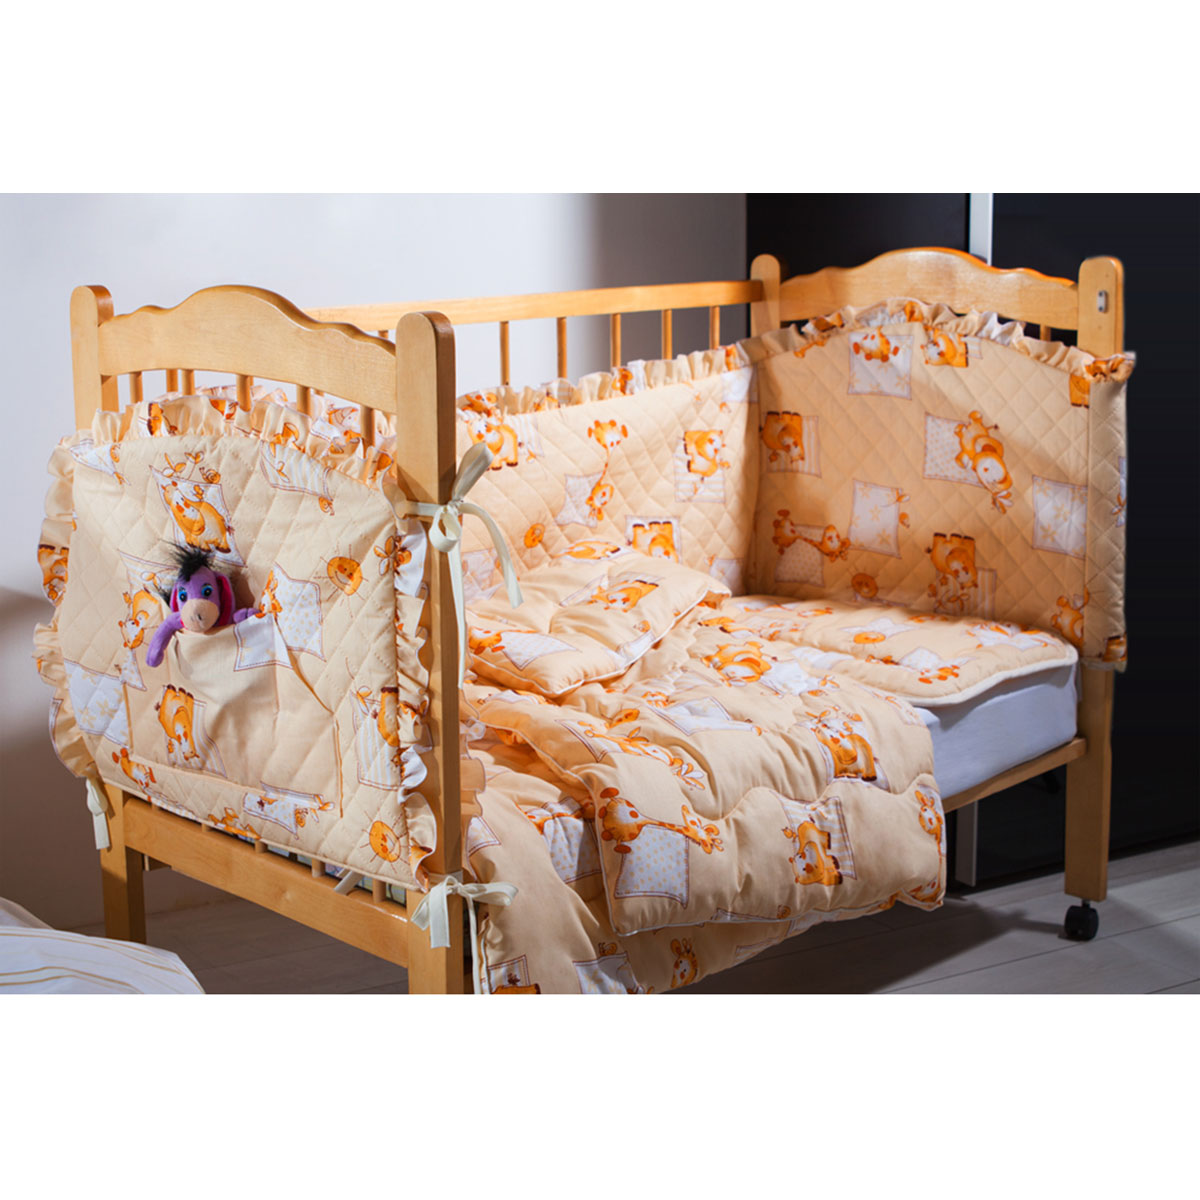 Primavelle Комплект в кроватку Кроха цвет бежевый 4 предмета174247Комплект в кроватку Primavelle Кроха прекрасно подойдет для кроватки вашего малыша, добавит комнате уюта и согреет в прохладные дни. В качестве материала верха использованы 70% хлопка и 30% полиэстера. Мягкая ткань не раздражает чувствительную и нежную кожу ребенка и хорошо вентилируется. Подушка и одеяло наполнены гипоаллергенным экофайбером, который не впитывает запах и пыль. В комплекте - удобный карман на кроватку для всех необходимых вещей.Очень важно, чтобы ваш малыш хорошо спал - это залог его здоровья, а значит вашего спокойствия. Комплект Primavelle Кроха идеально подойдет для кроватки вашего малыша. На нем ваш кроха будет спать здоровым и крепким сном.Комплектация:- бортик (360 см х 45 см); - подушка (40 см х 60 см);- одеяло (110 см х 140 см);- кармашек (60 см х 45 см).